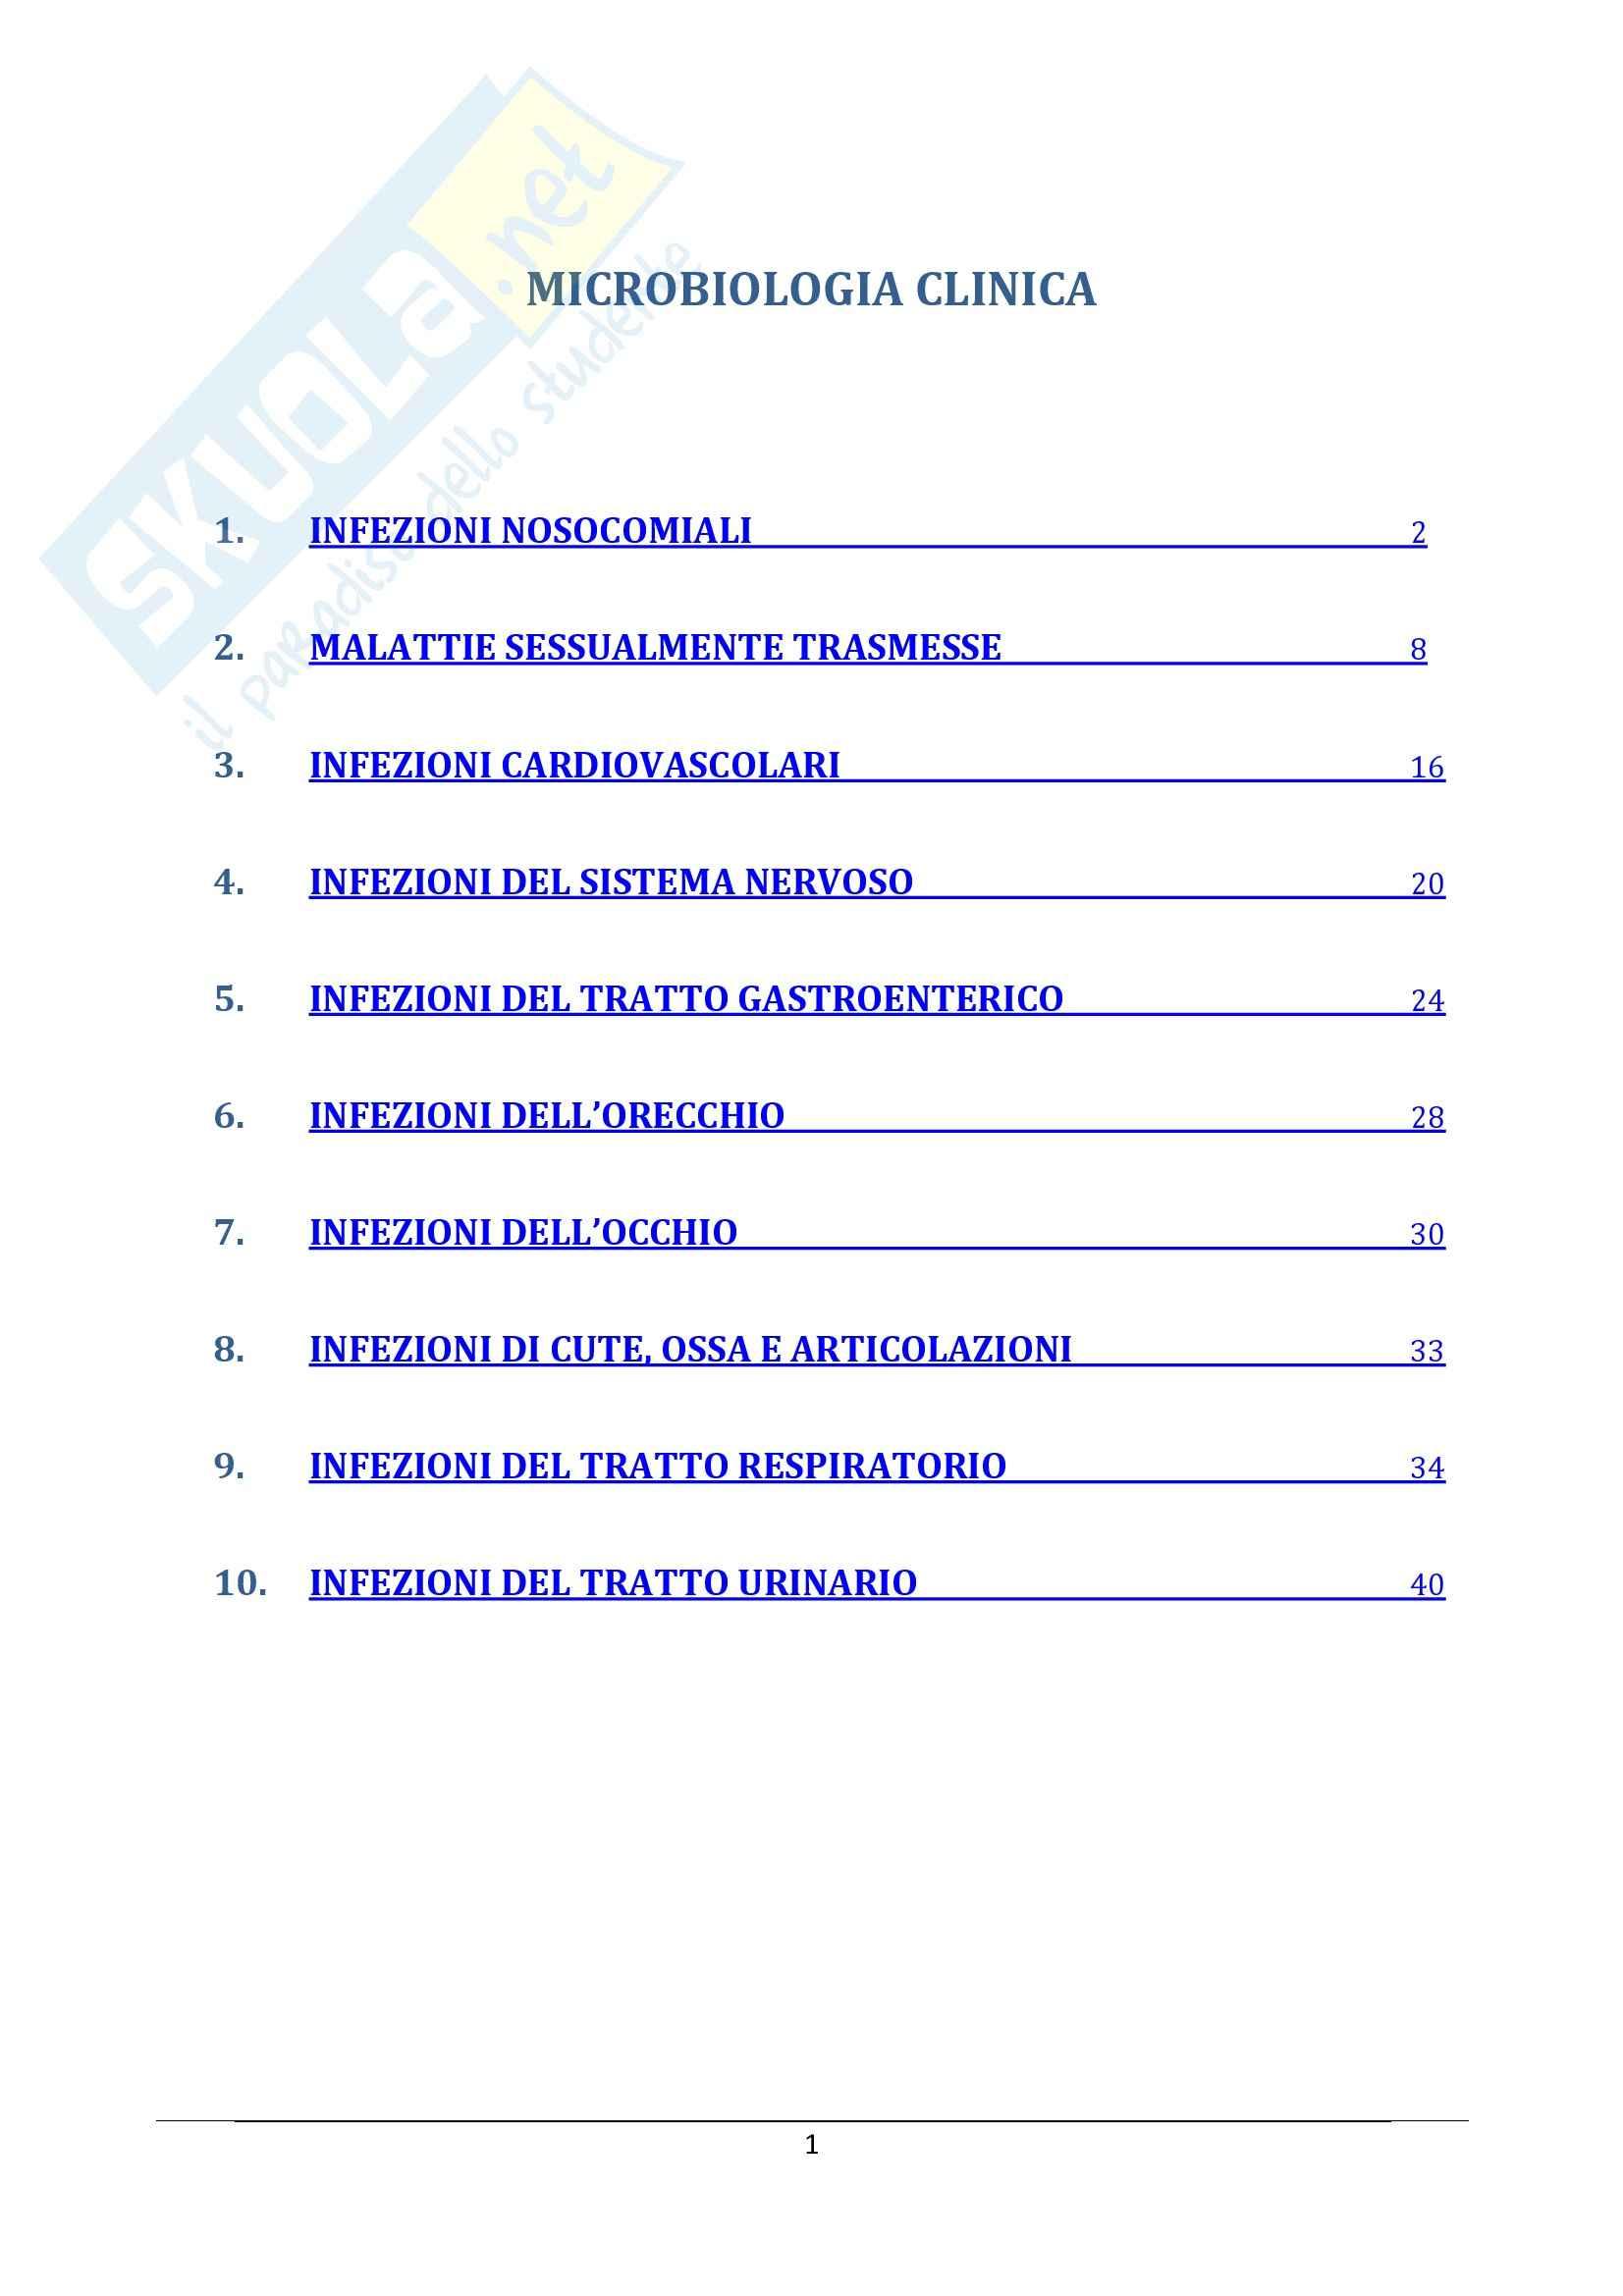 Microbiologia clinica - Appunti